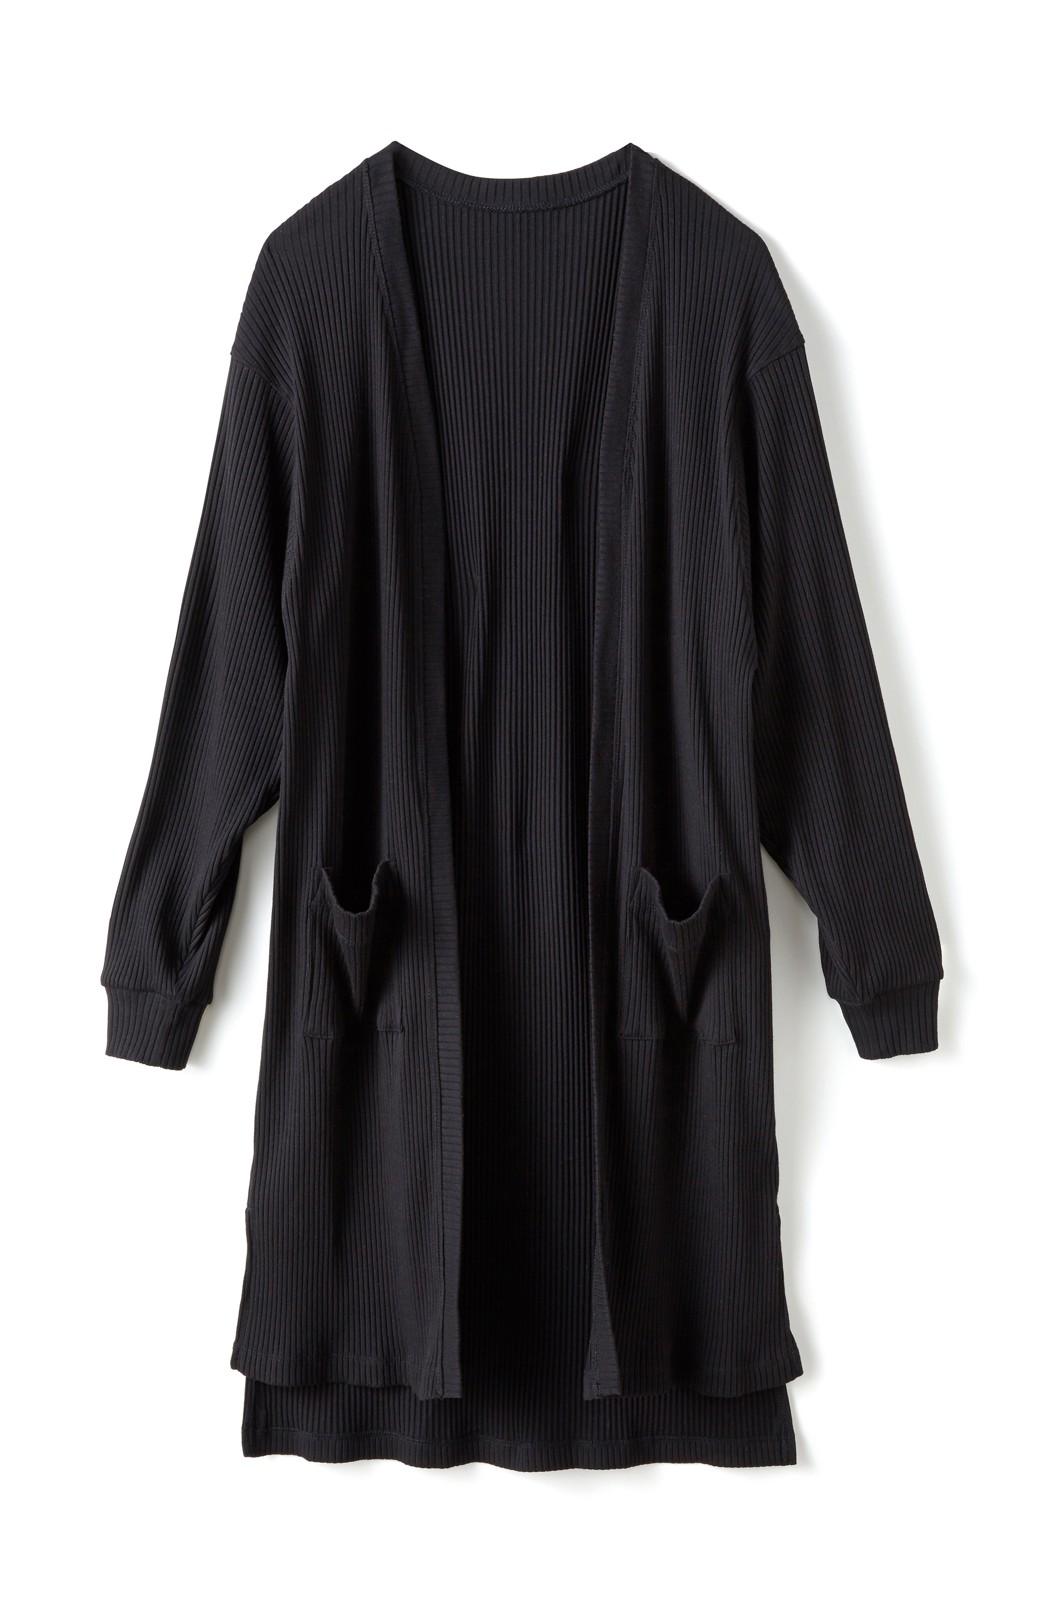 エムトロワ ひとクセ袖の上にも着られる!UVカット&吸水速乾素材のドルマン風カーディガン <ブラック>の商品写真2